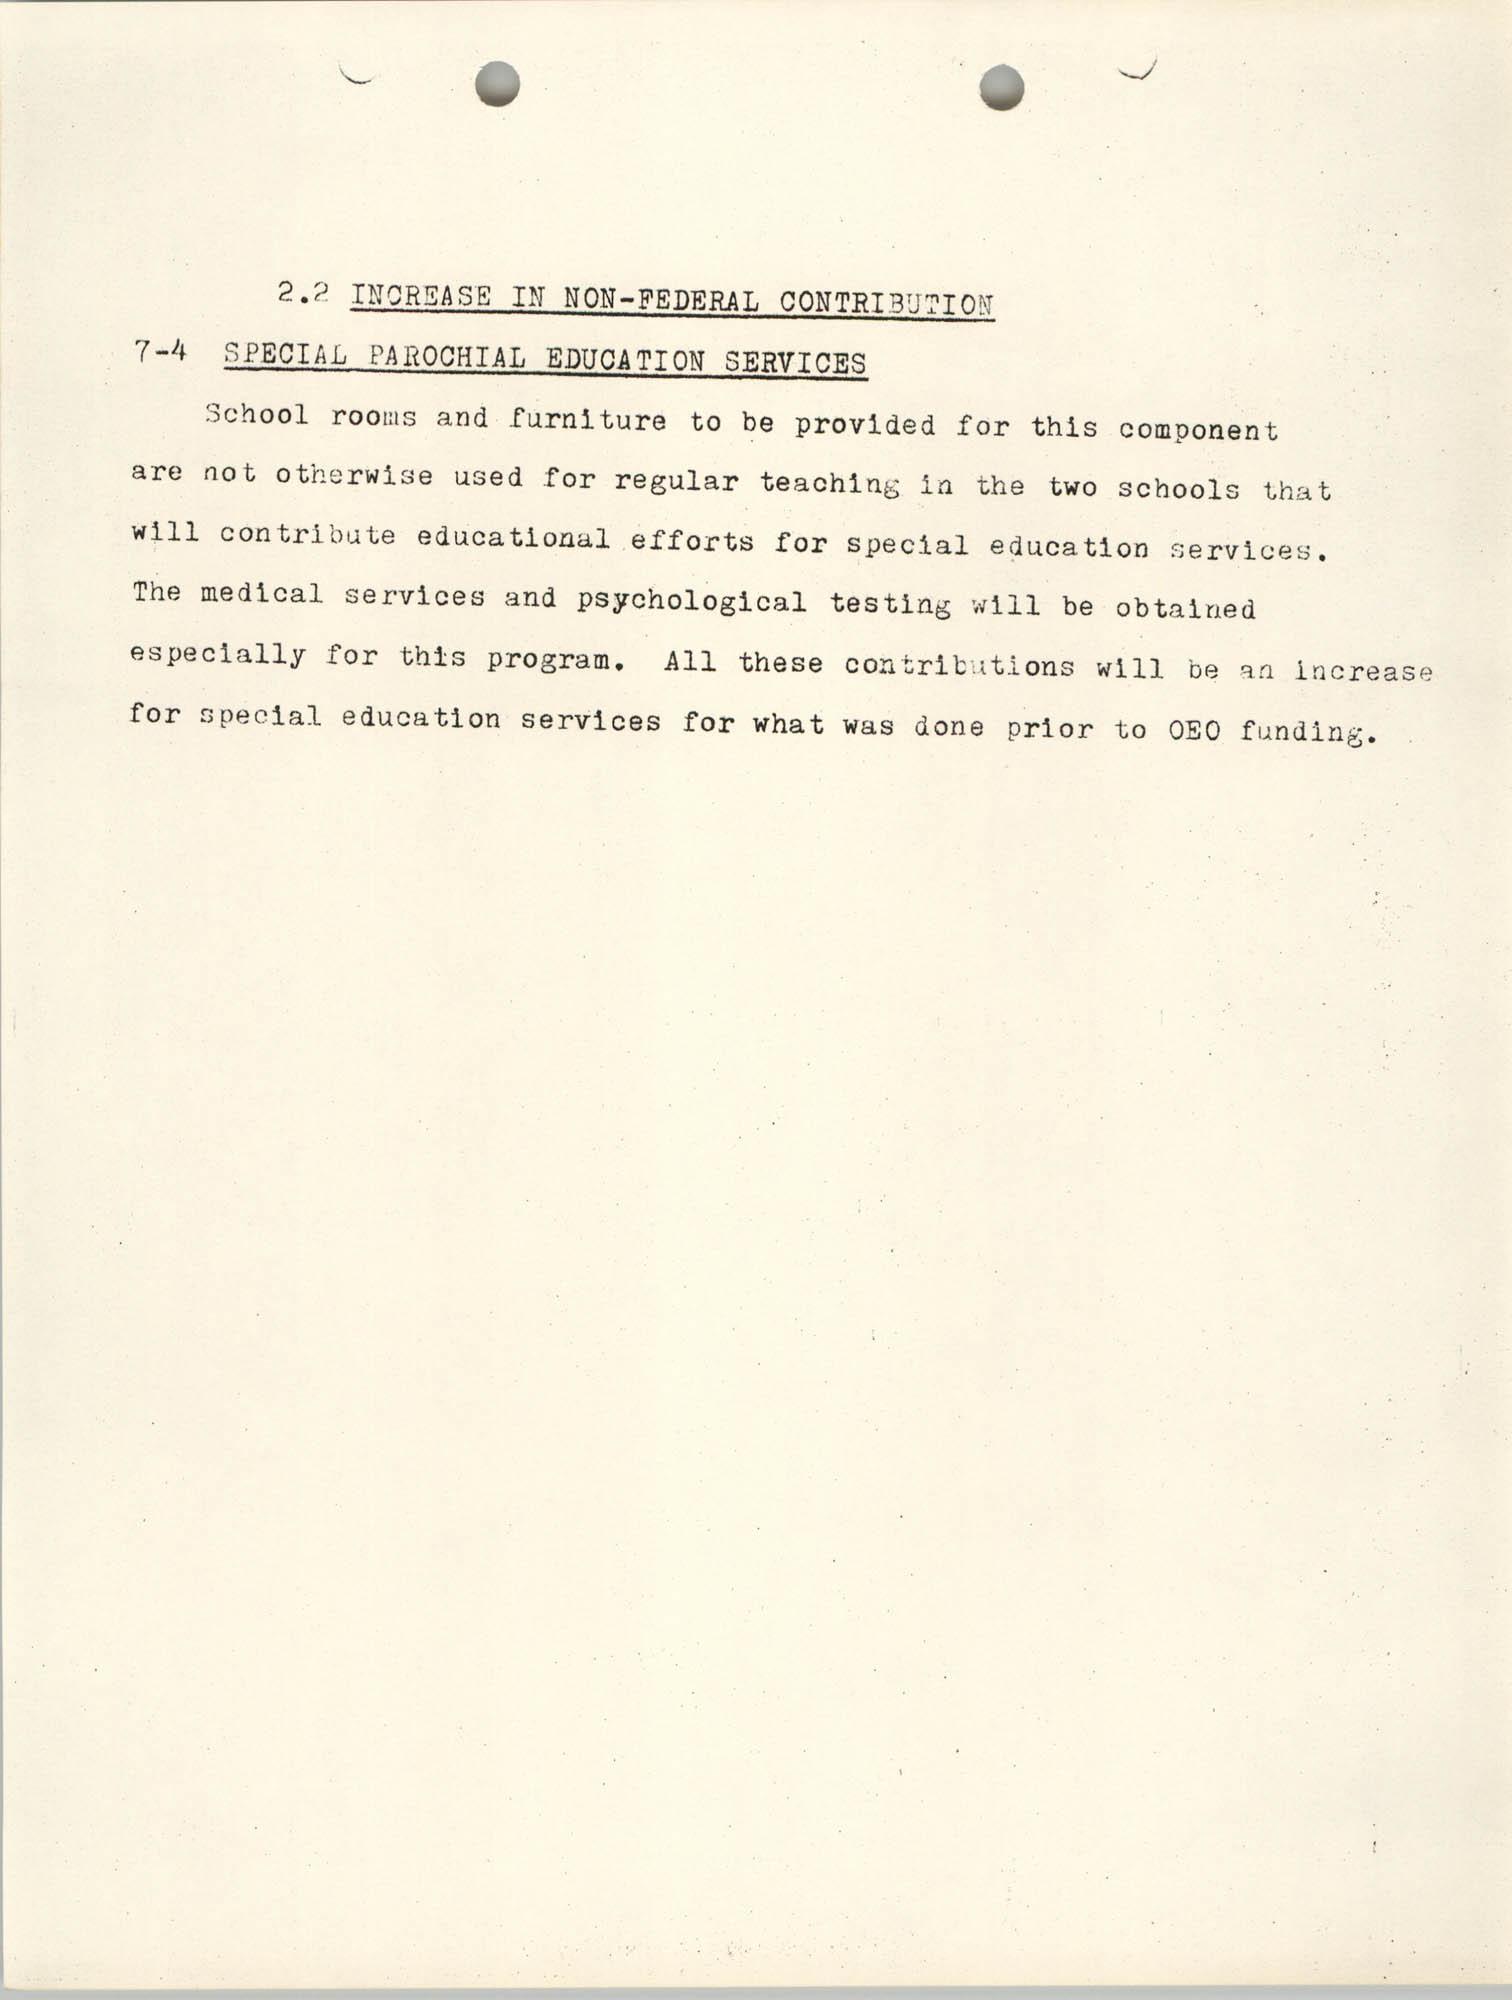 Increase in Non-Fedearl Contribution, June 27, 1966, Page 5